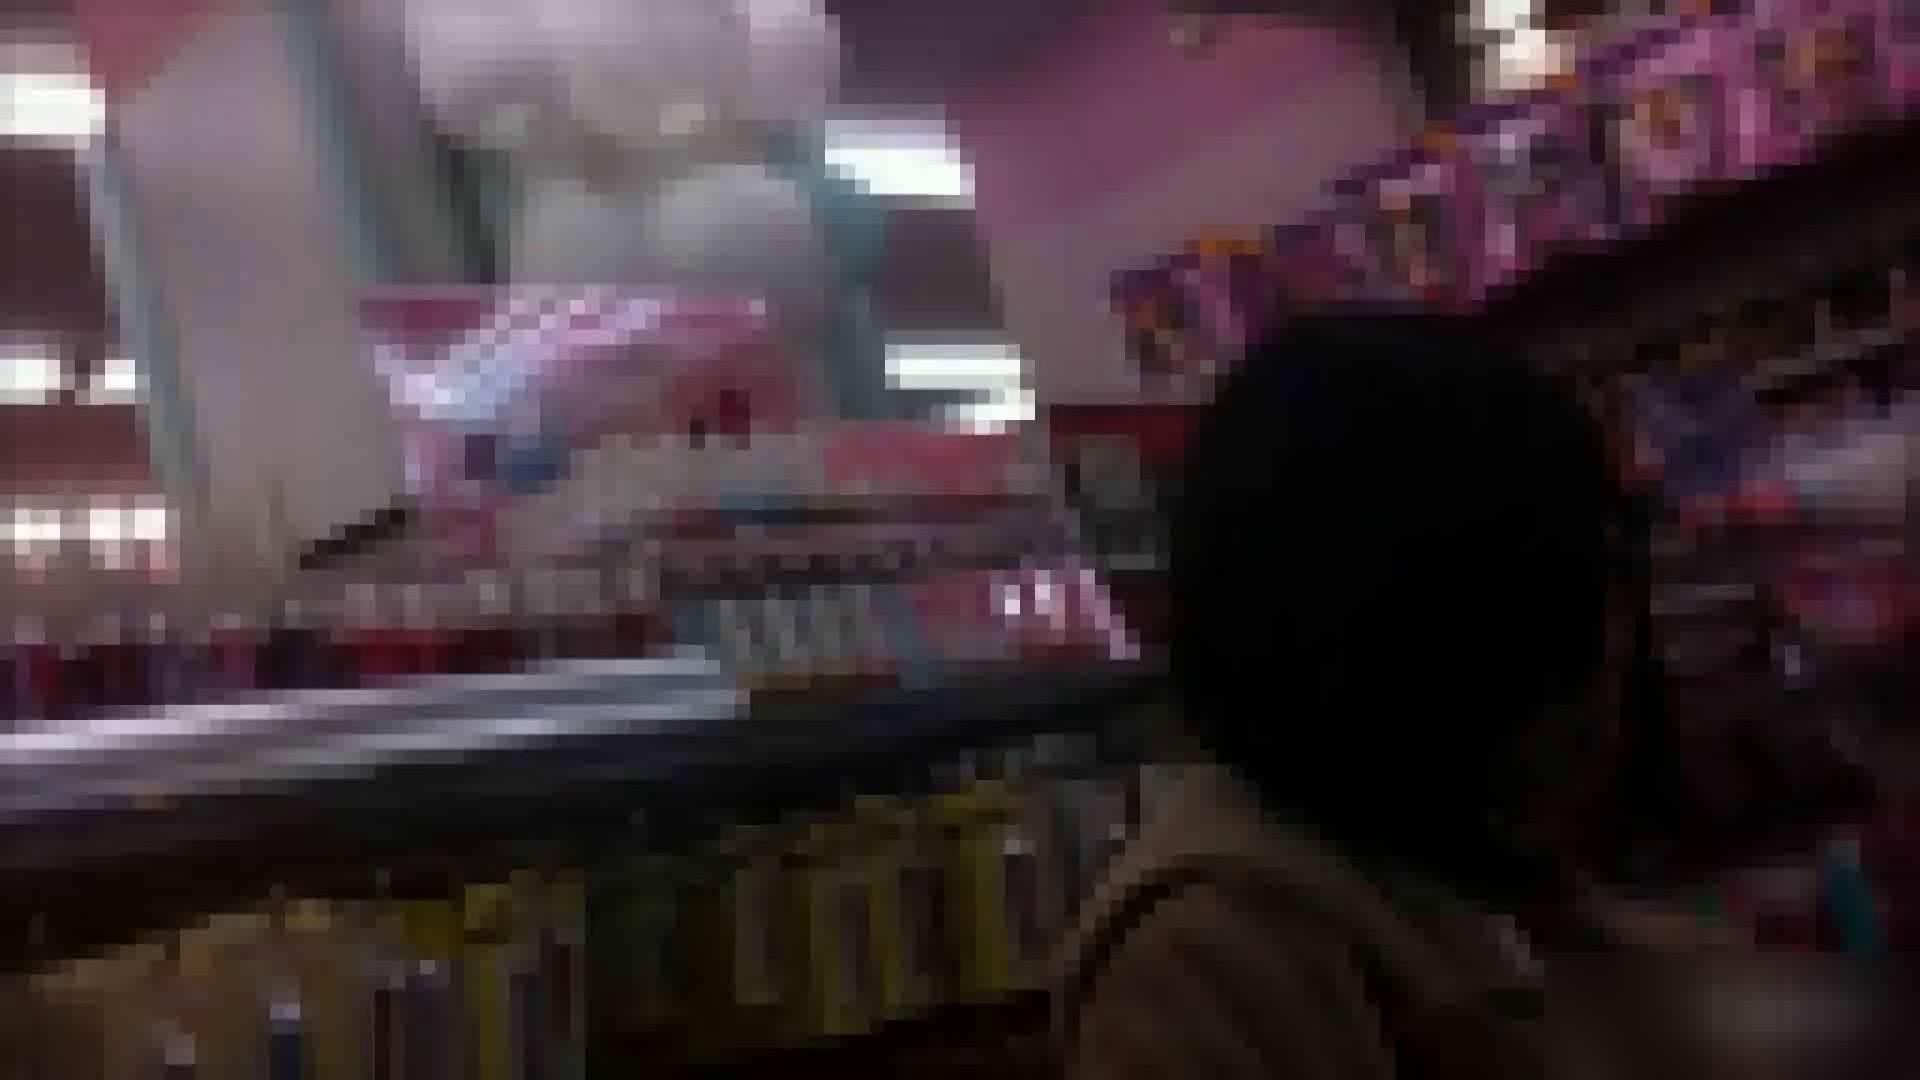 ガールズパンチラストリートビューVol.013 新入生パンチラ すけべAV動画紹介 93pic 31